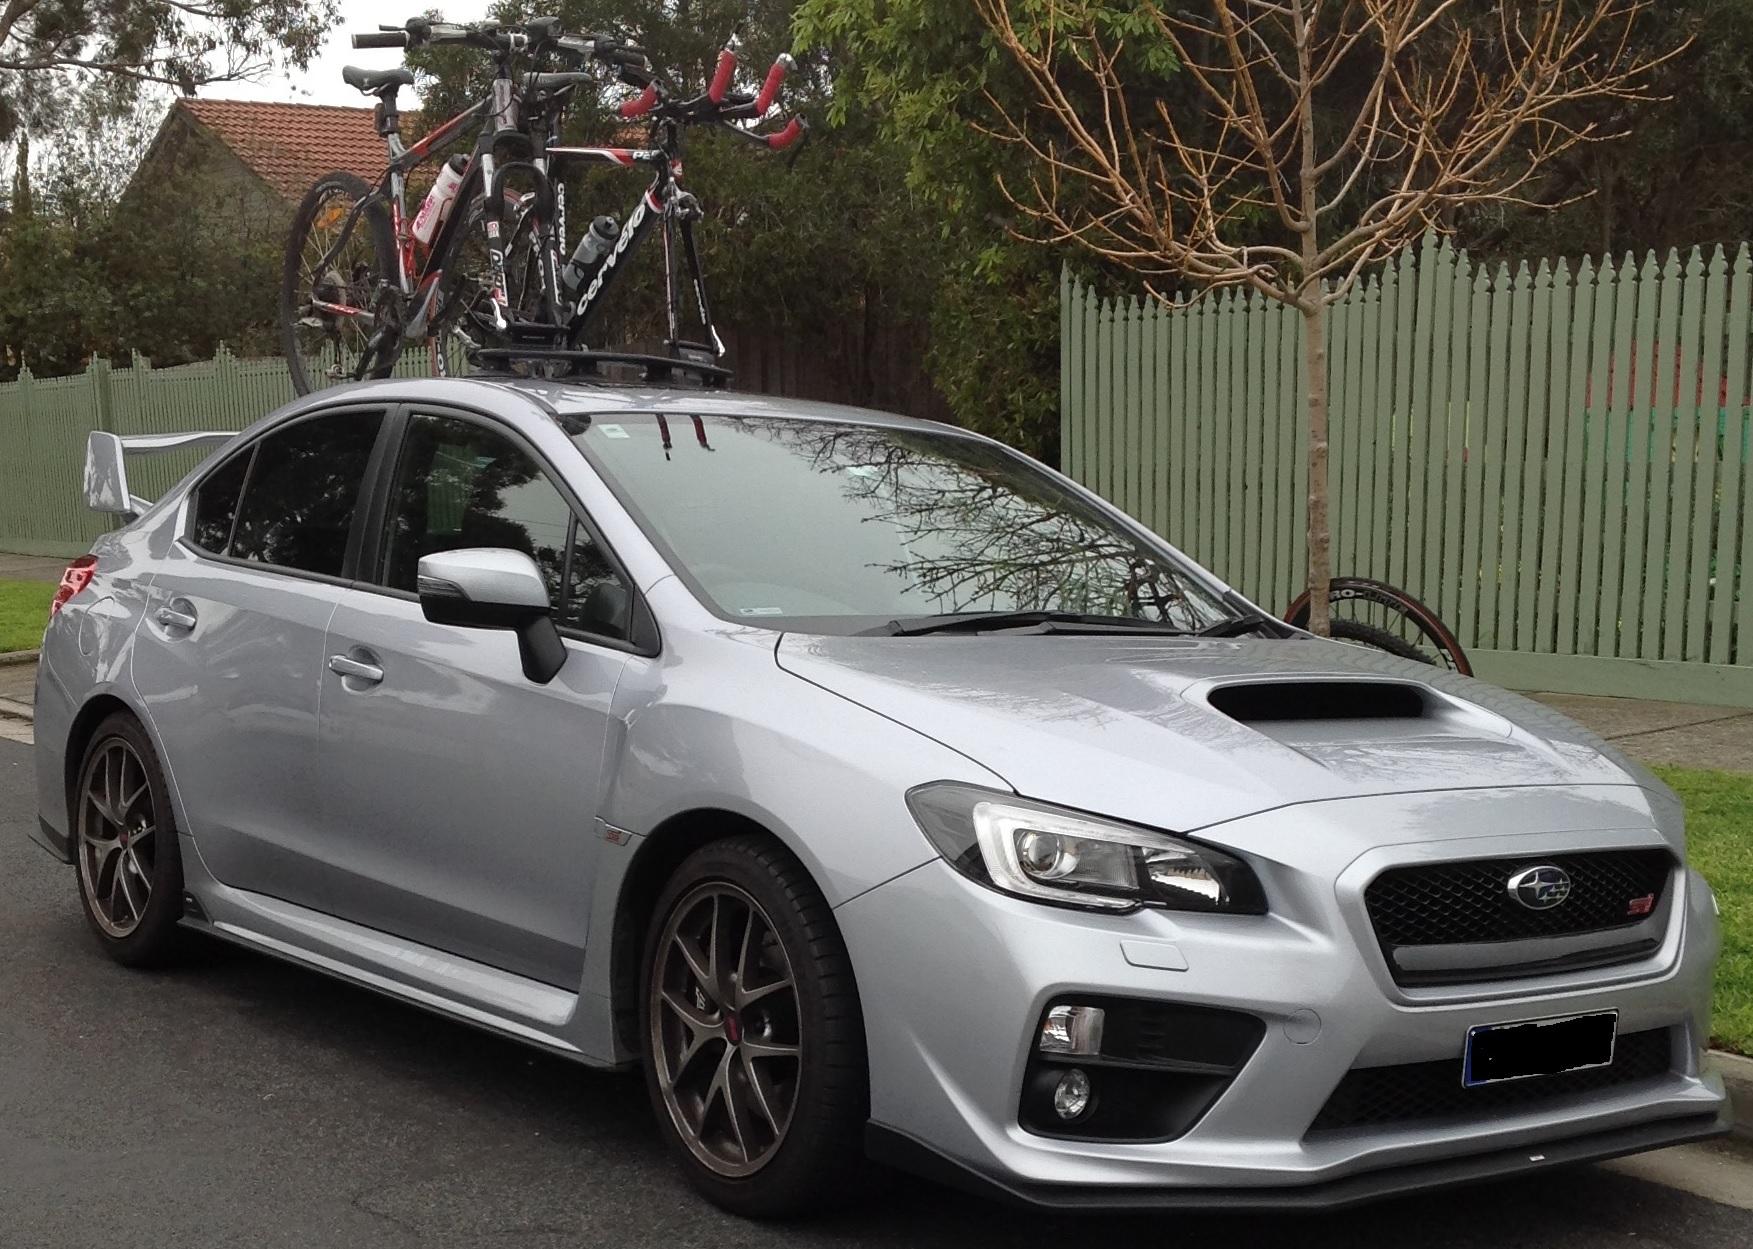 Subaru Wrx Sti Bike Rack Seasucker Down Under